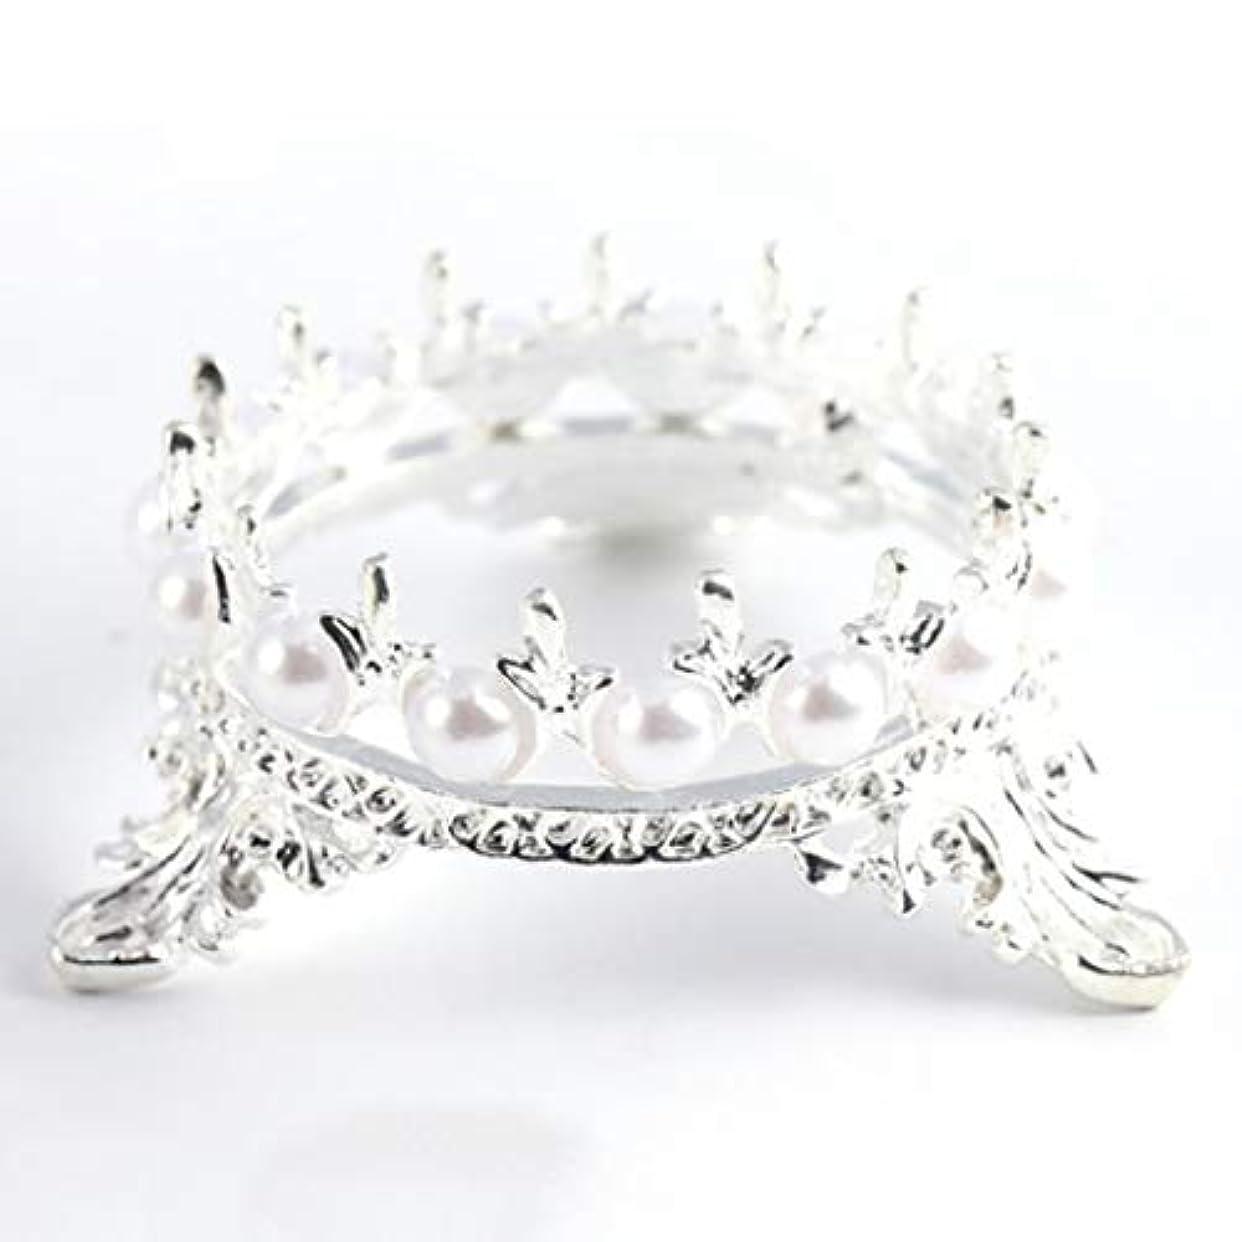 アレルギー性蒸留する神OU-Kunmlef 価値のある1 xクラウンスタンドペンブラシホルダーパールネイルアートペンラックマニキュアネイルアートツール必需品(None Silver Crown Penholder)